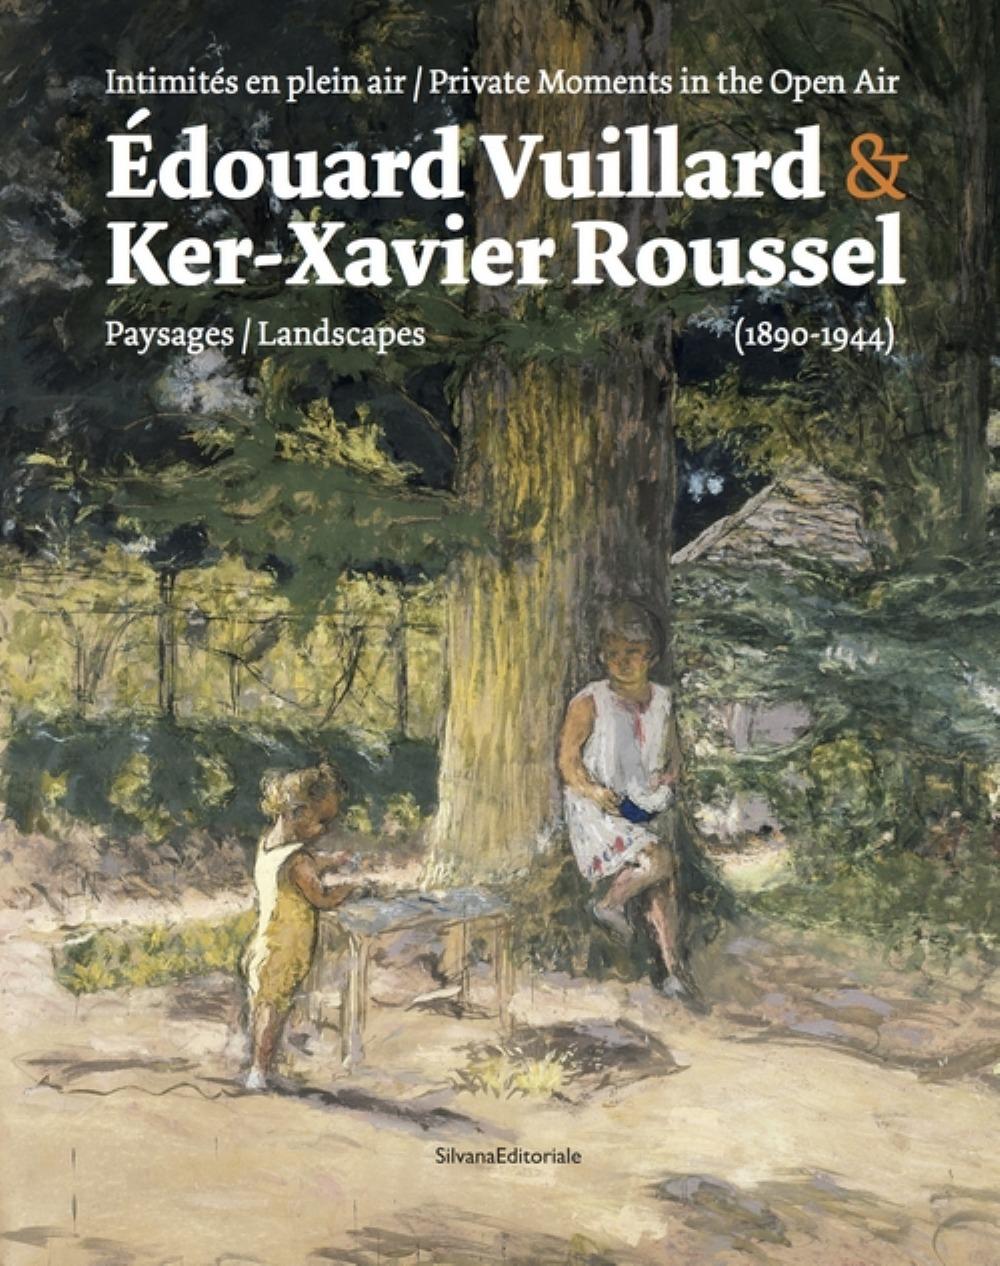 EDOUARD VUILLARD, KER-XAVIER ROUSSEL - LES MODERNES ET LE PAYSAGE